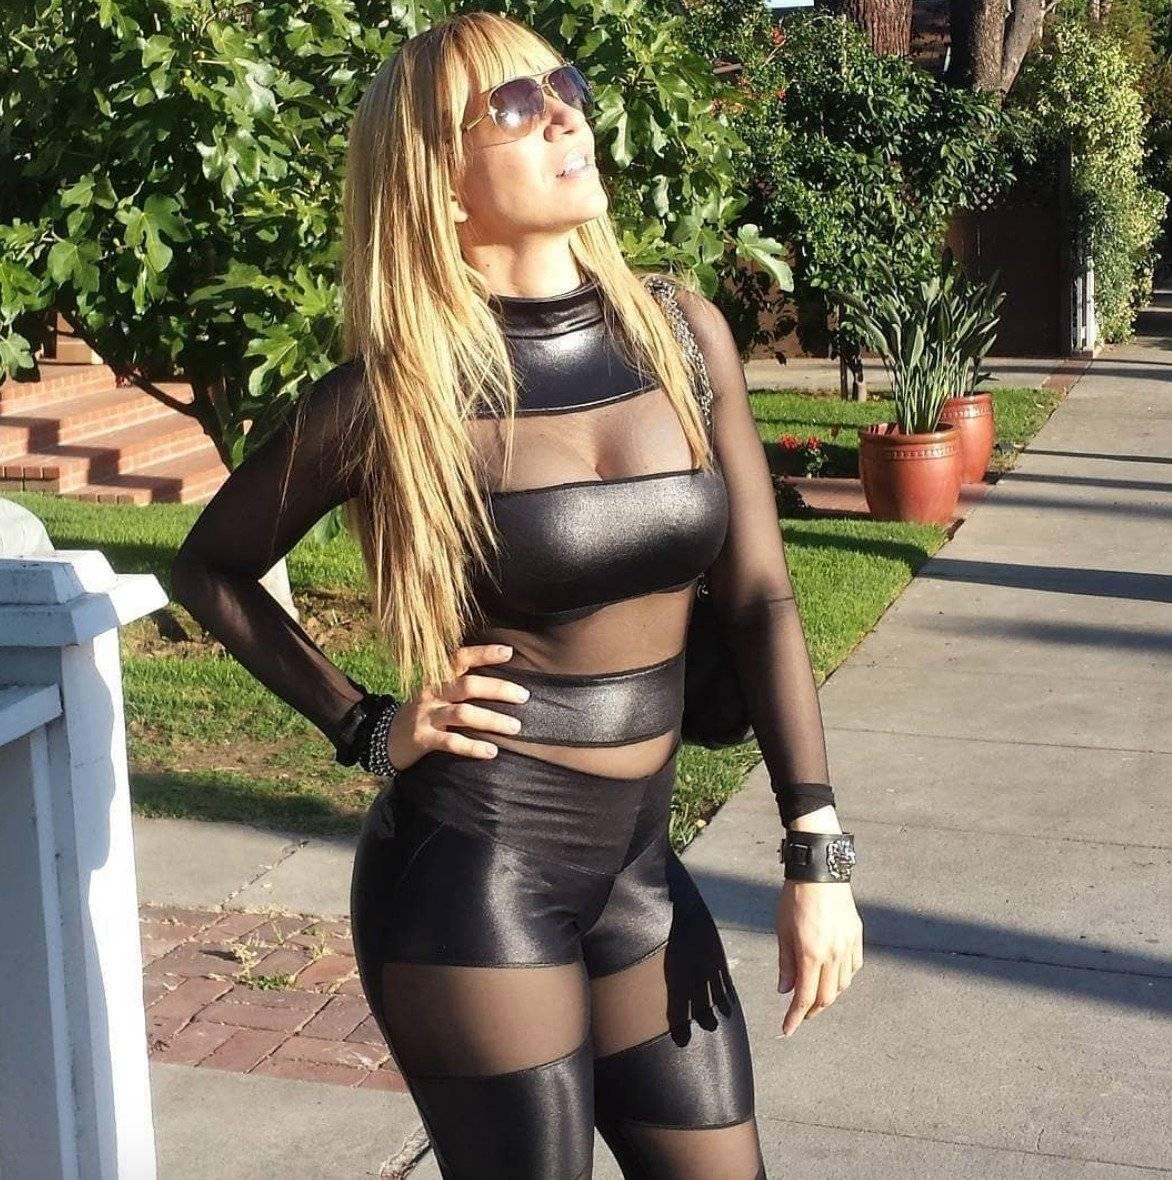 La cantante de 39 años hará una película para adultos Instagram